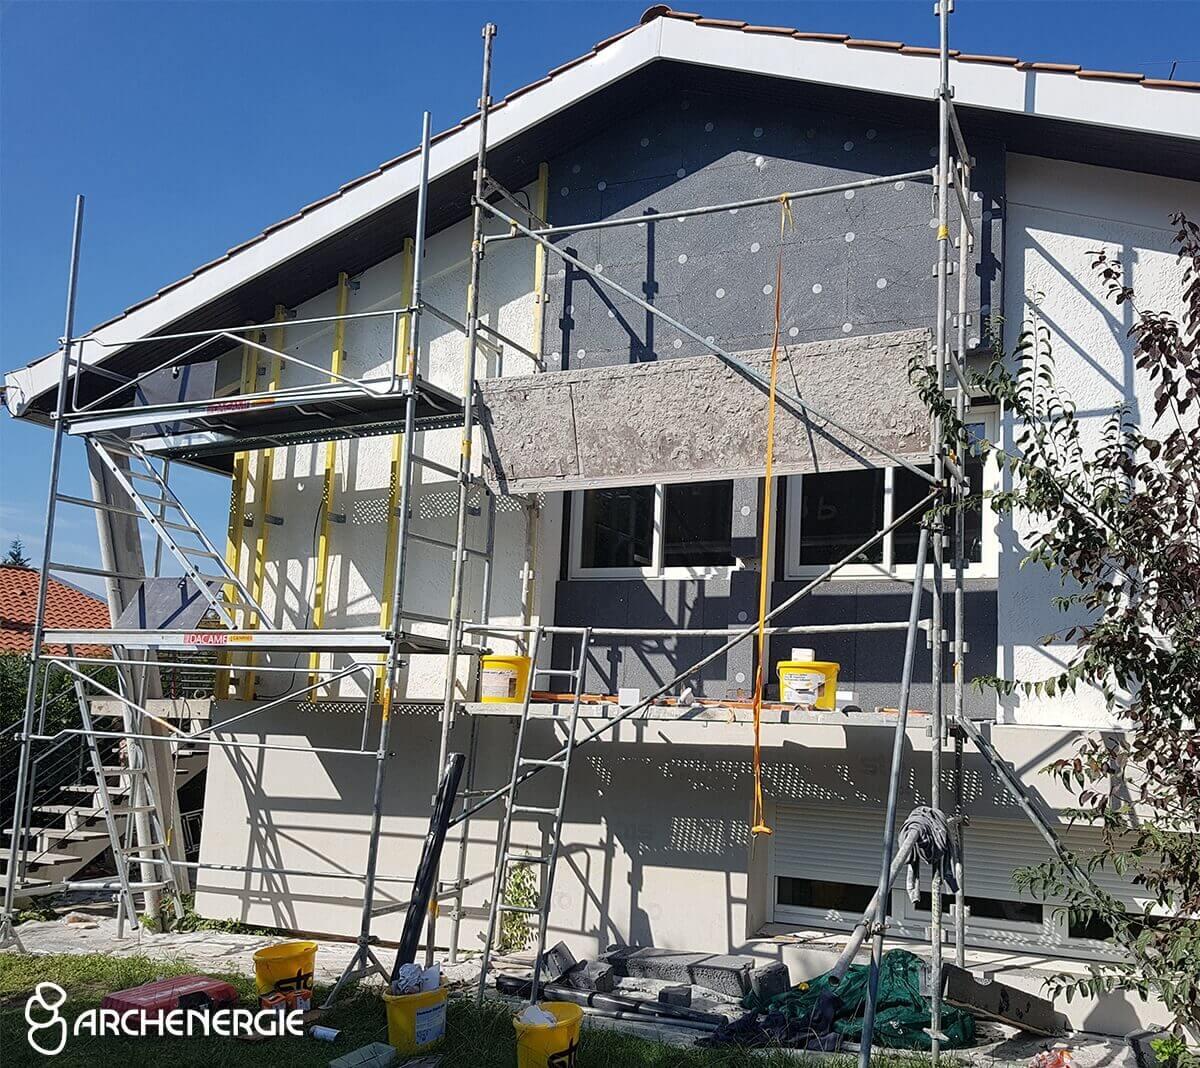 plus de confort pour cette maison des années 70 à Mérignac (Gironde)